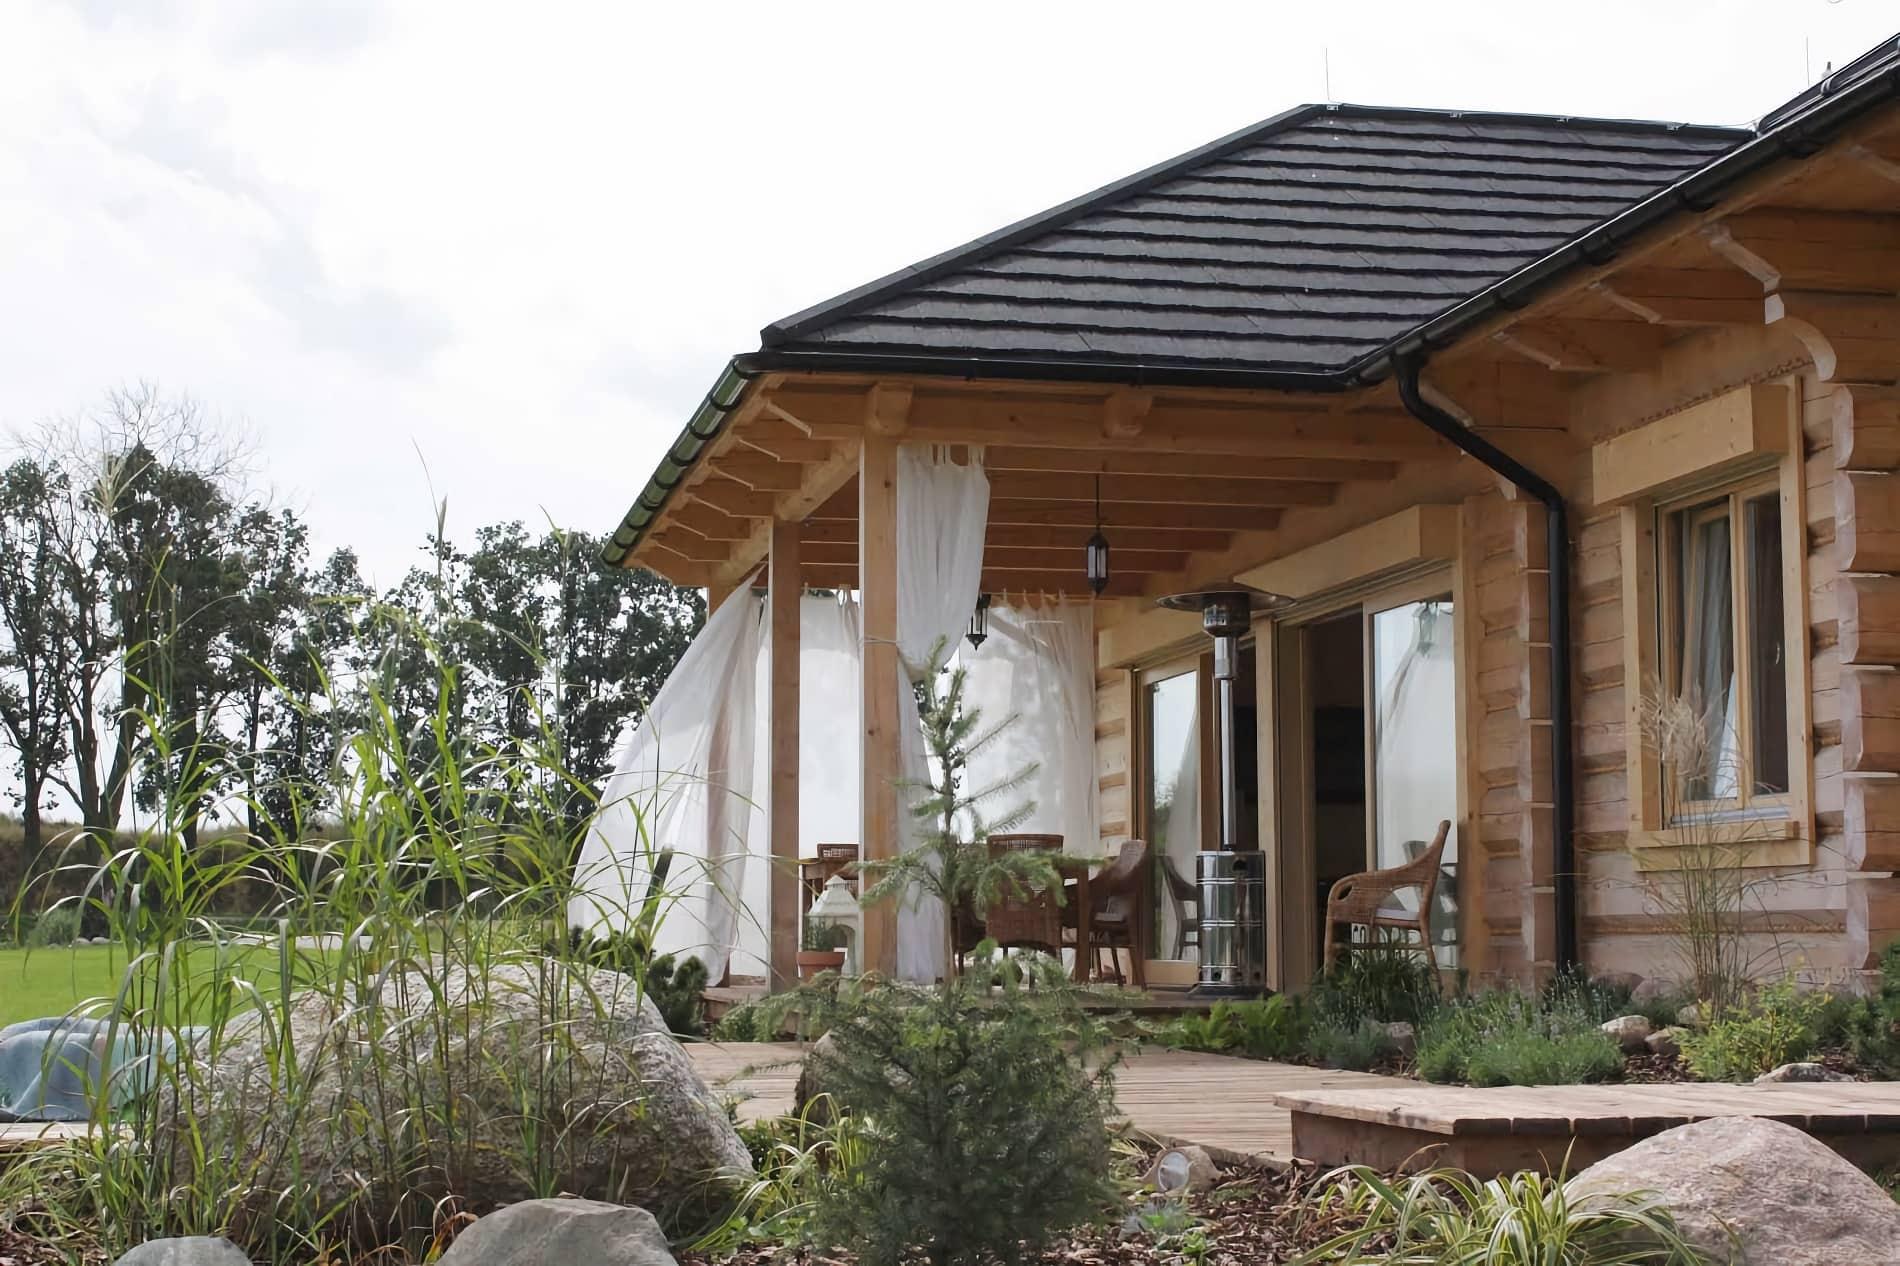 projekt architektoniczny wnętrza Dom z Bali - projektowanie wnętrz Prima Wrocław